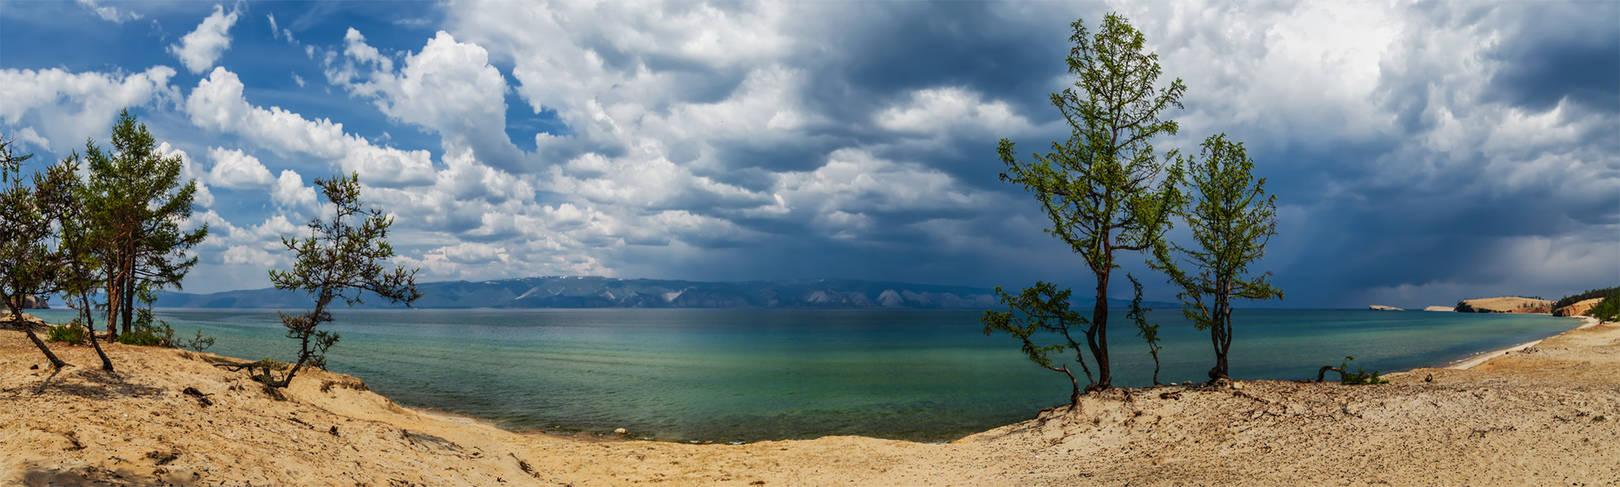 Панорамы малого моря